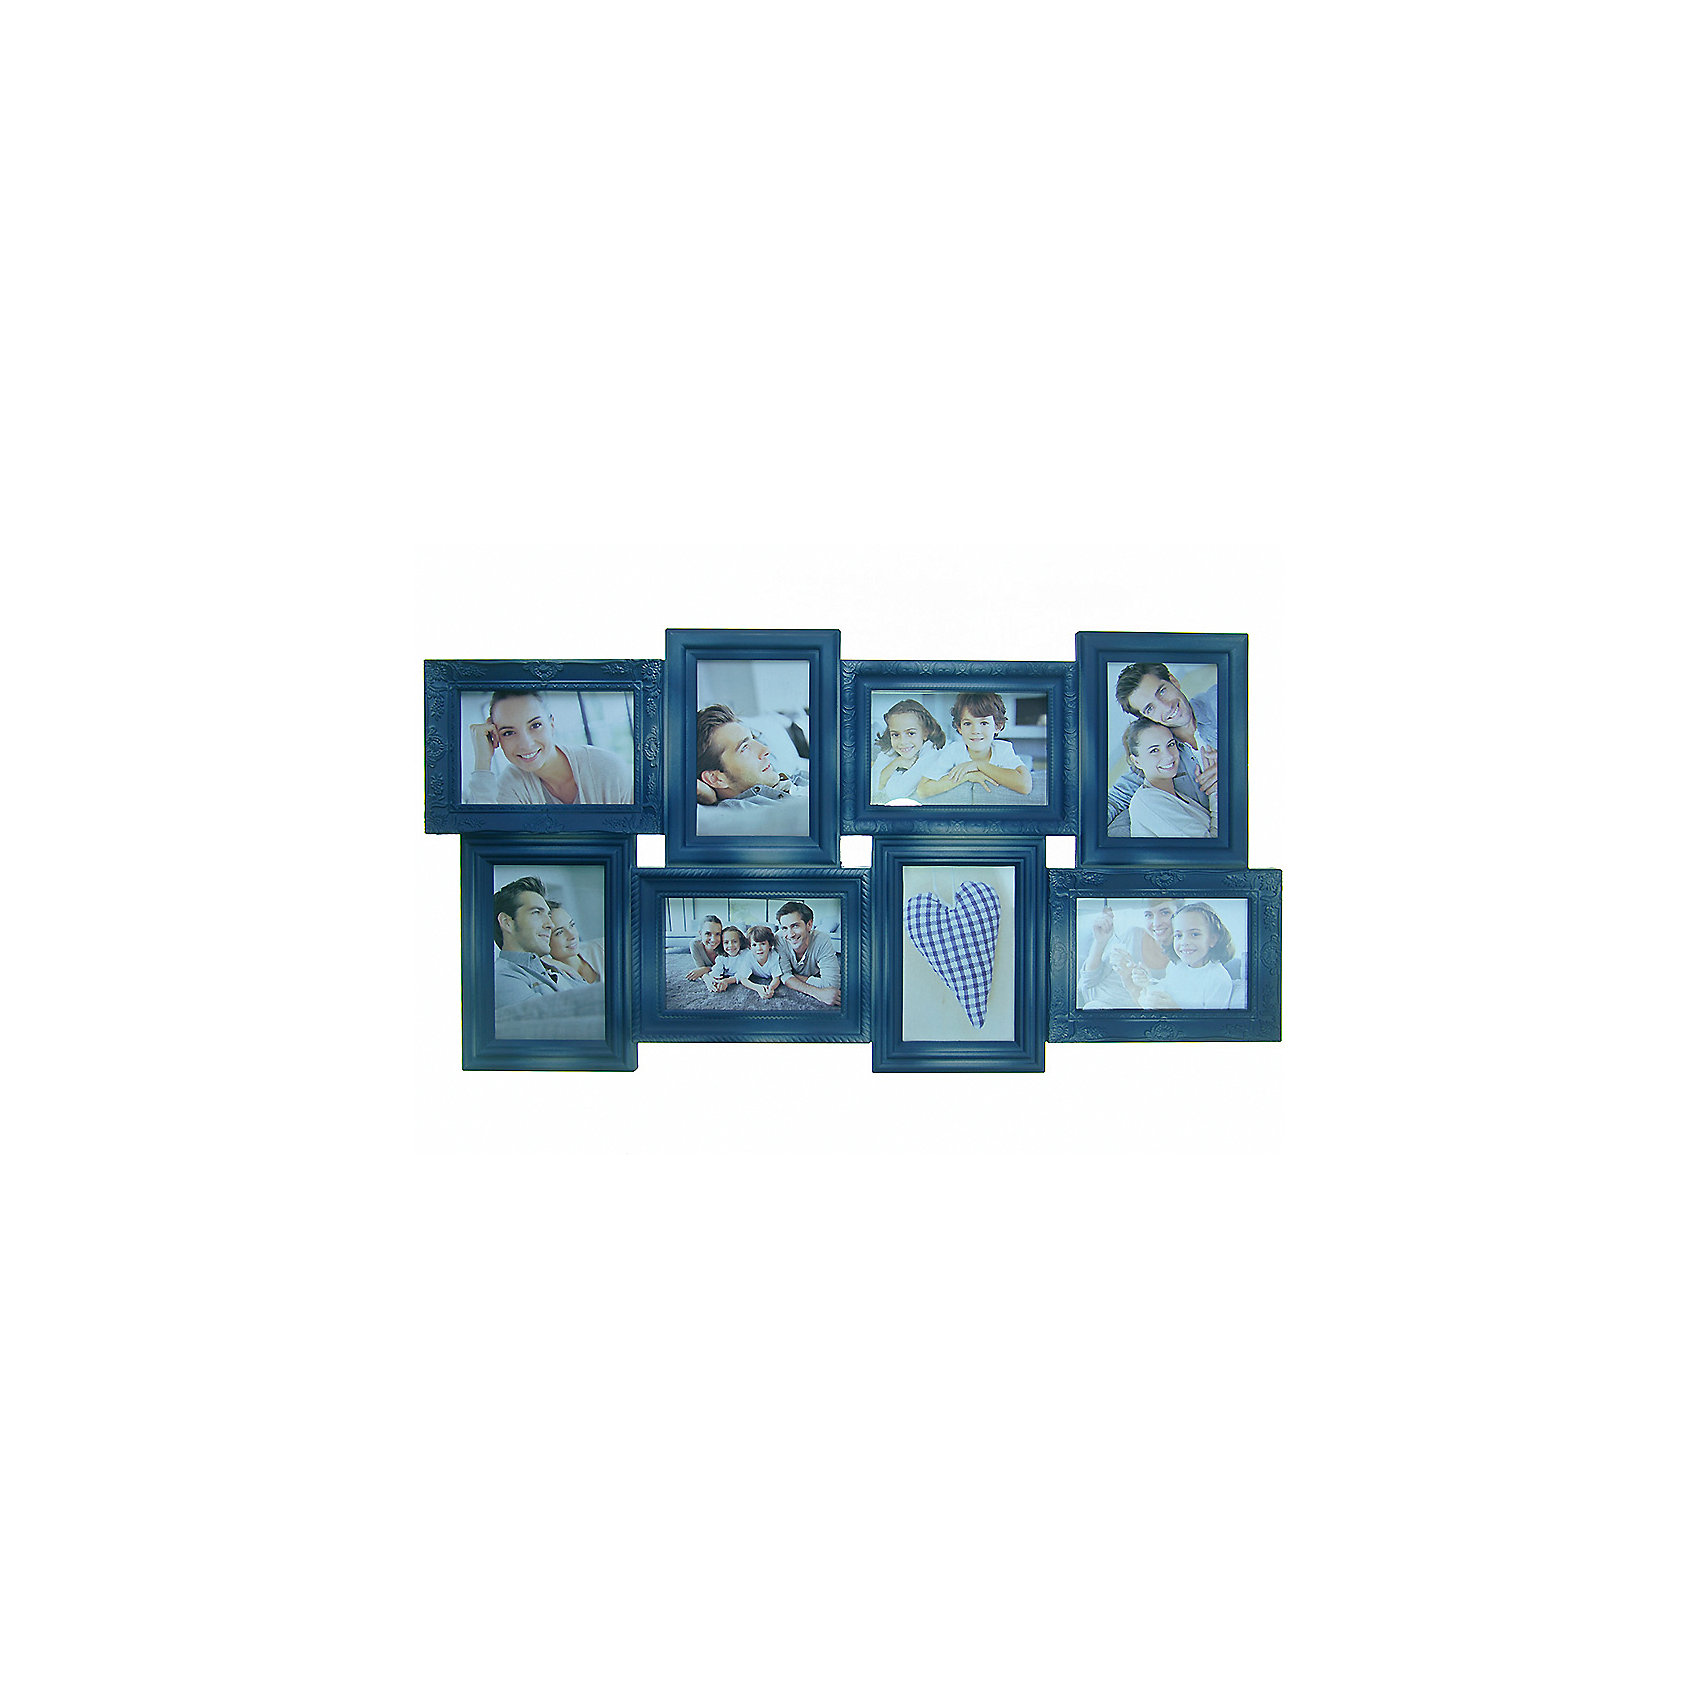 Фоторамка Platinum пластик, цвет синий джинс с патиной под старину, Яркий праздникДетские предметы интерьера<br>Фоторамка Platinum пластик, цвет синий джинс с патиной под старину, Яркий праздник<br><br>Характеристики:<br><br>• Состав: пластик<br>• Размер: 69 * 3 * 36 см.<br>• Размер фотографий: 10 * 15 см.<br>• Страна производитель: Китай<br><br>Изящная подвесная фоторамка включает в себя целых восемь рамок от компании, специализирующейся на производстве фоторамок для интерьеров Platinum (Платинум), и оживит сразу несколько воспоминаний! Фоторамки станут стильным украшением комнаты, а красивый темно-синий джинсовый цвет, отделанный под старину отлично подойдет как для спальни, так и для кухни или гостиной. <br><br>Фоторамки отделаны рельефным дизайном, расположены структурированно и отлично подойдут для серии горизонтальных и вертикальных тематических снимков. Размер каждой рамки 10 * 15 см, это стандартный размер фото, поэтому для этой фоторамки вам не потребуется перепечатывать уже имеющиеся фото. Фоторамка станет превосходным подарком для любого важного события от годовщины до новоселья. Привнесите в дом атмосферу комфорта и яркого праздника вместе с новой фоторамкой!<br><br>Фоторамку Platinum пластик, цвет синий джинс с патиной под старину, Яркий праздник можно купить в нашем интернет-магазине.<br><br>Ширина мм: 690<br>Глубина мм: 48<br>Высота мм: 360<br>Вес г: 485<br>Возраст от месяцев: 36<br>Возраст до месяцев: 2147483647<br>Пол: Унисекс<br>Возраст: Детский<br>SKU: 5453997